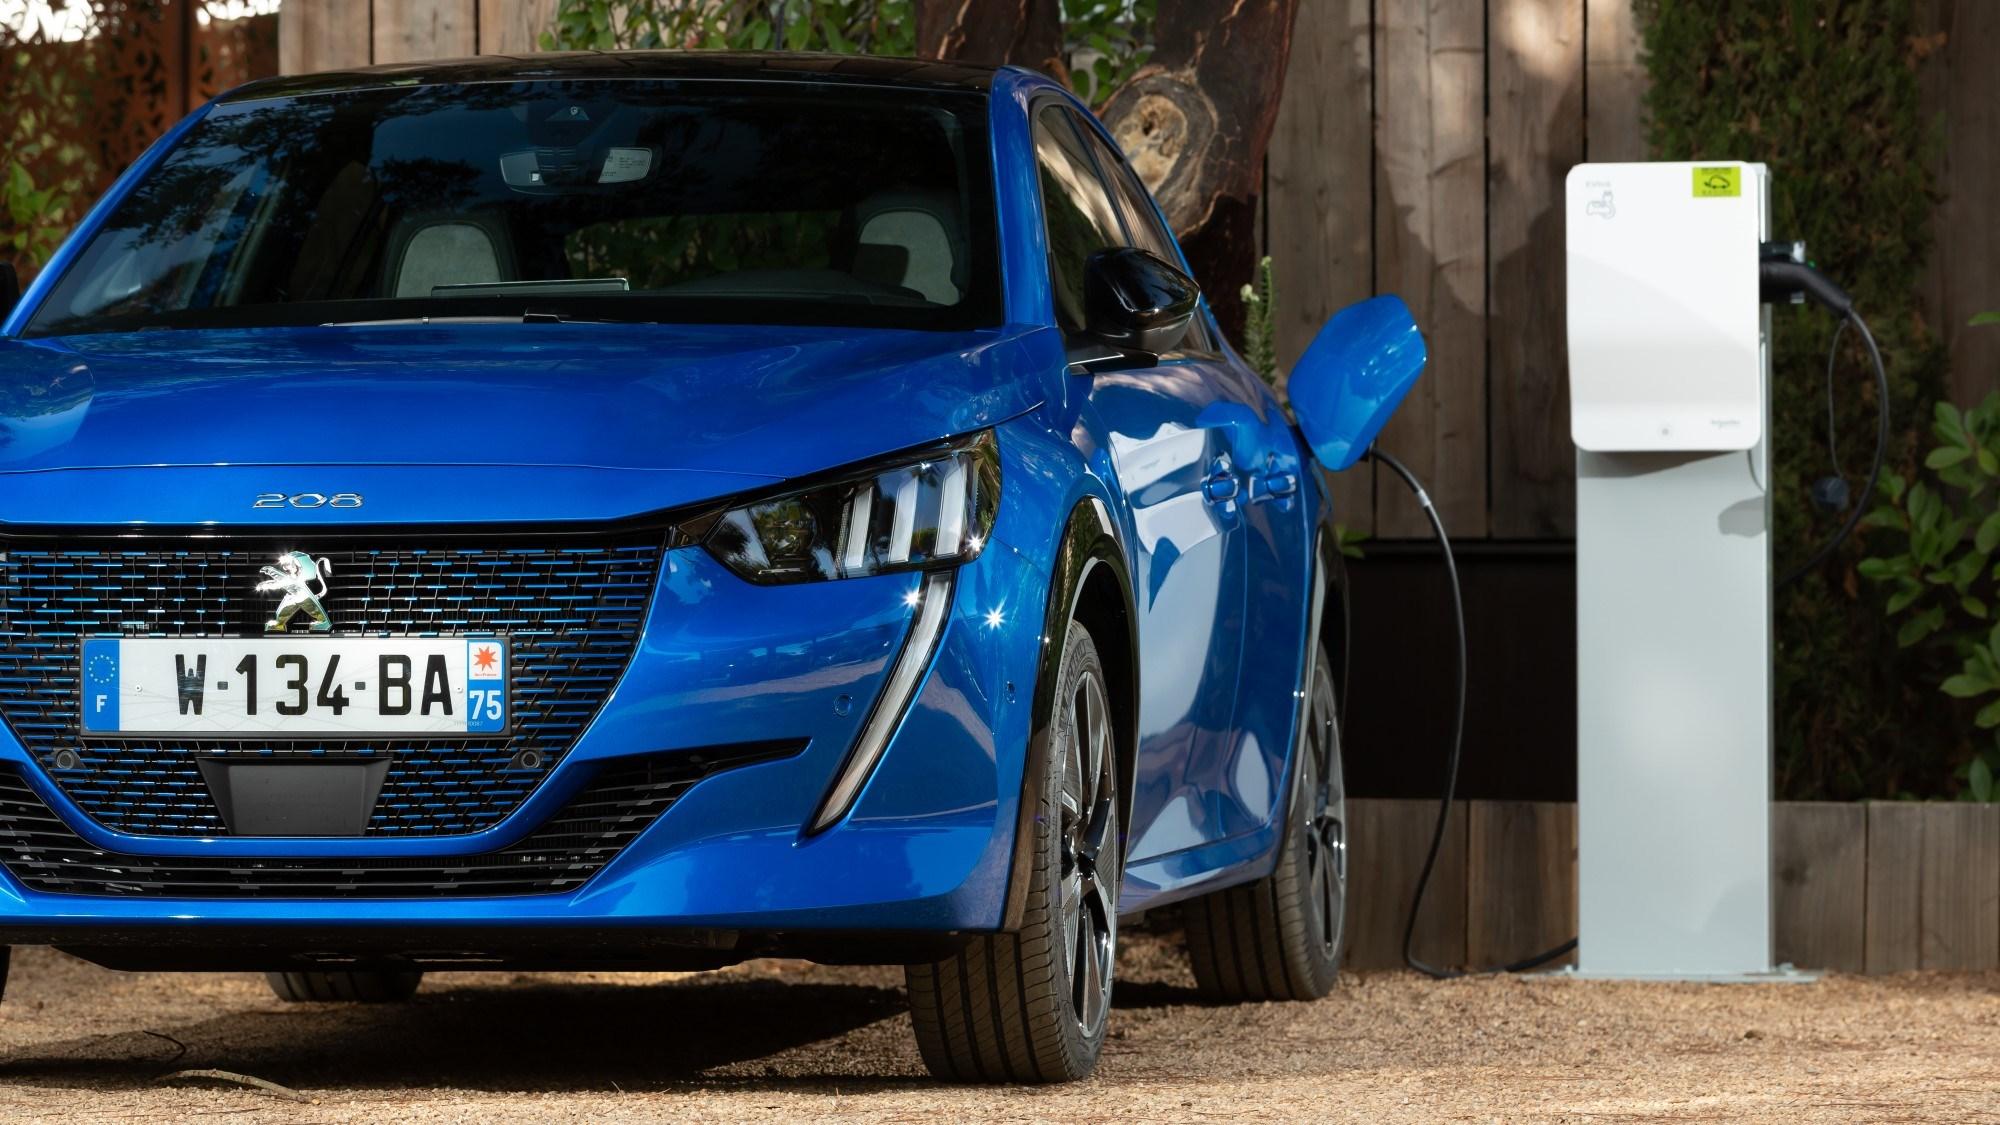 Peugeot e-208 - charging